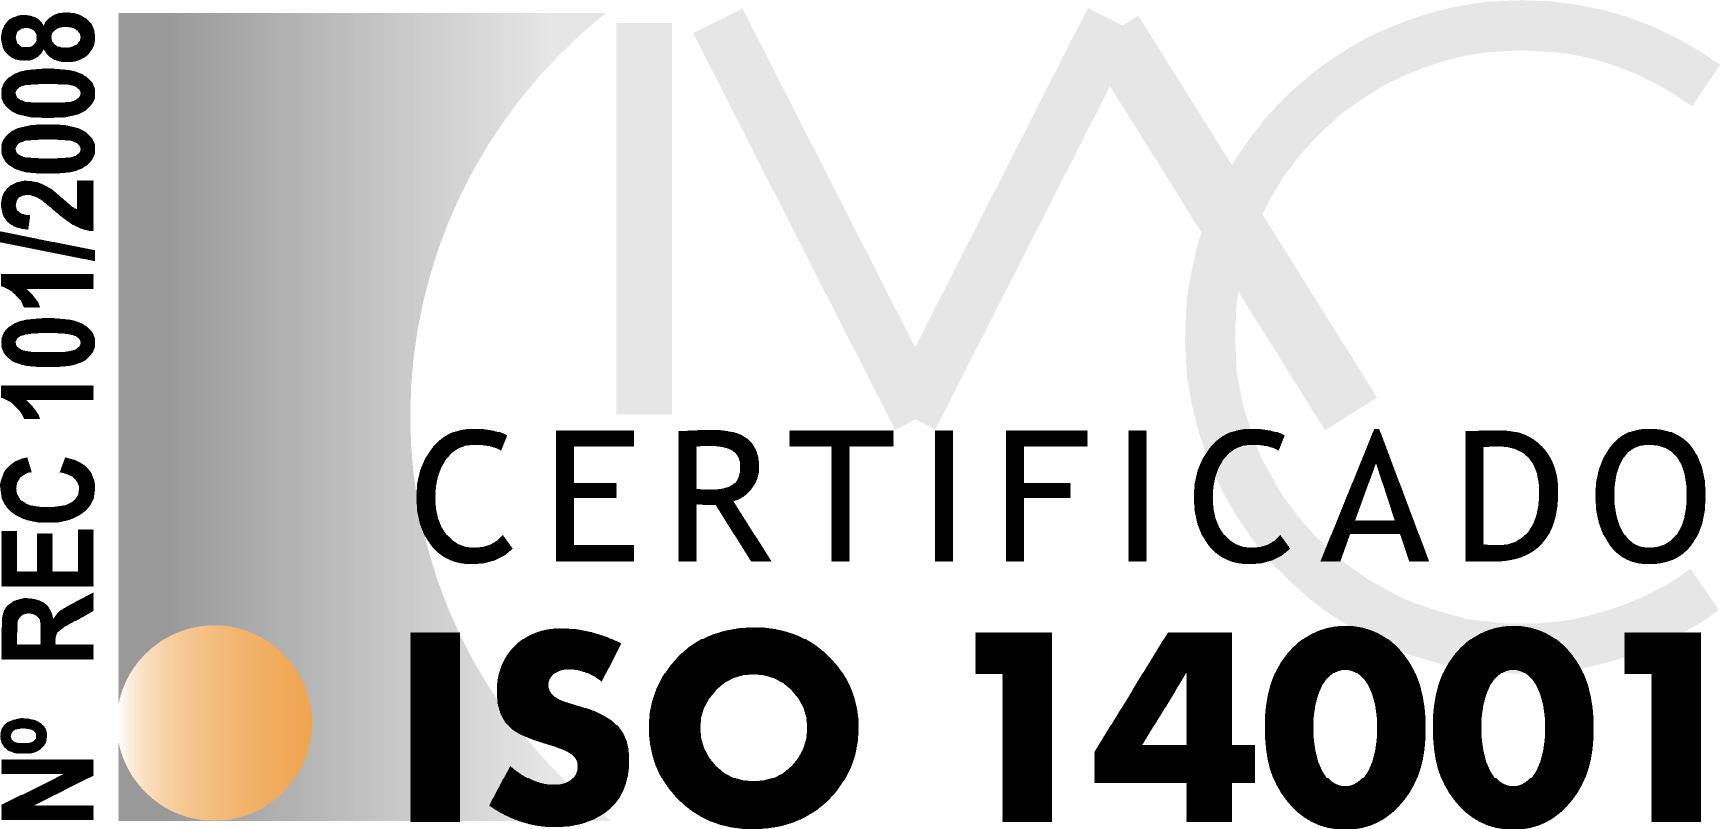 Nous avons obtenu, comme chaque année, le renouvellement du certificat de gestion de l'environnement ISO 14001